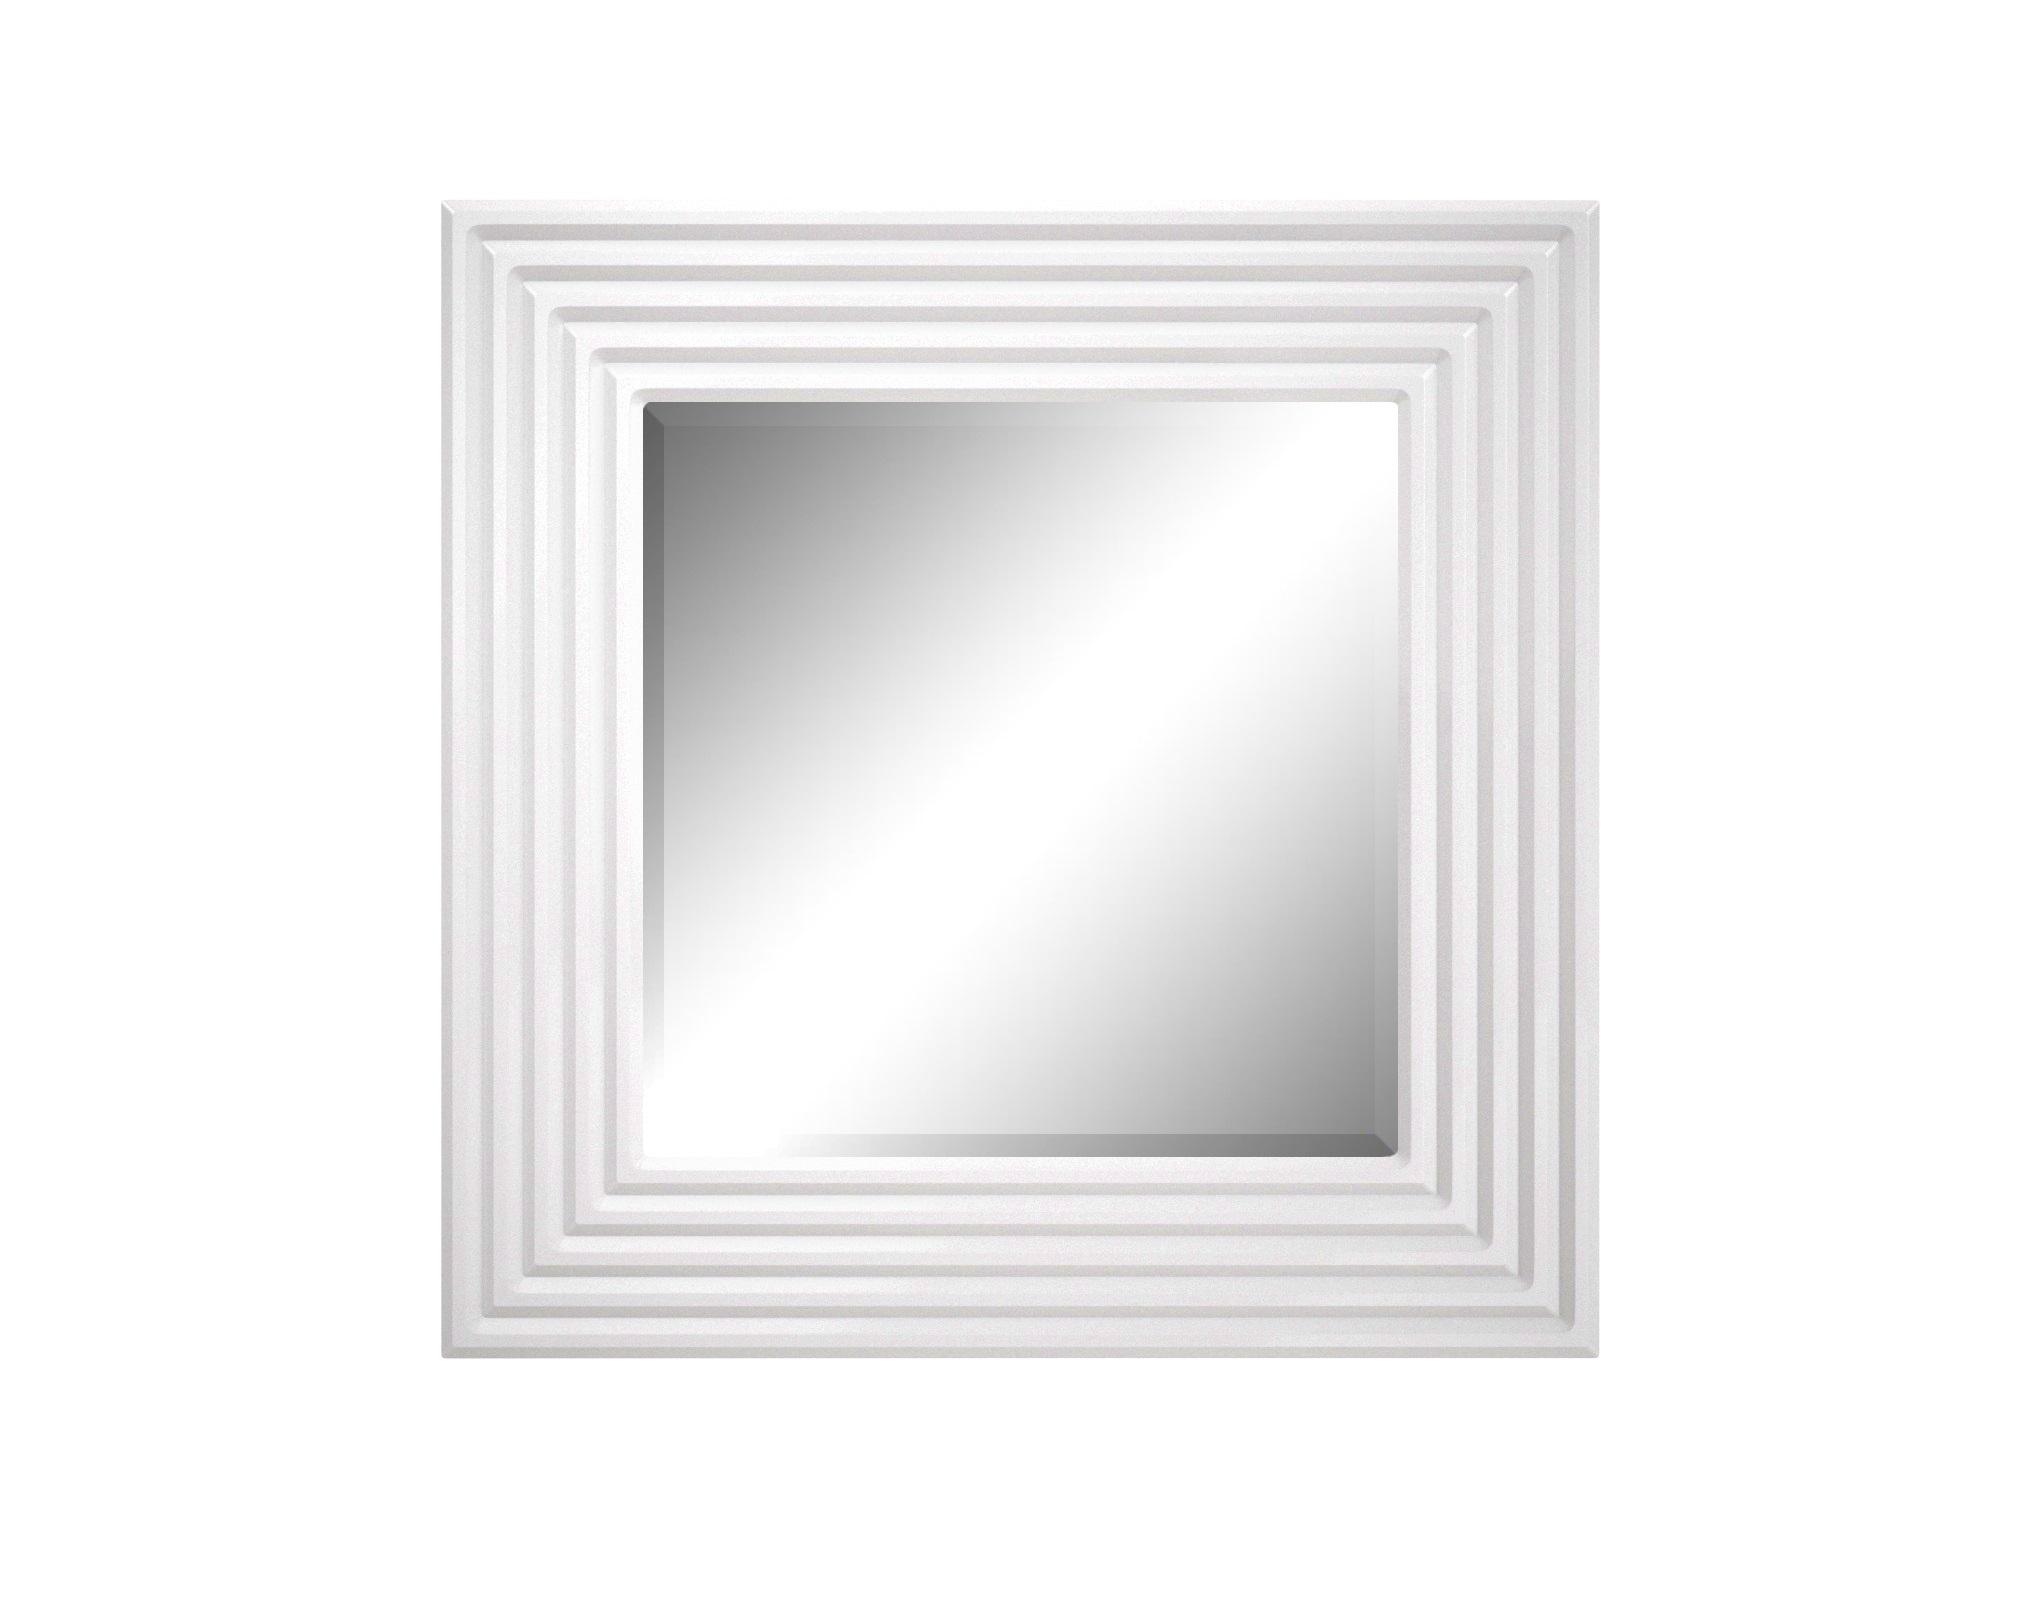 Зеркало Ambicioni 15437935 от thefurnish